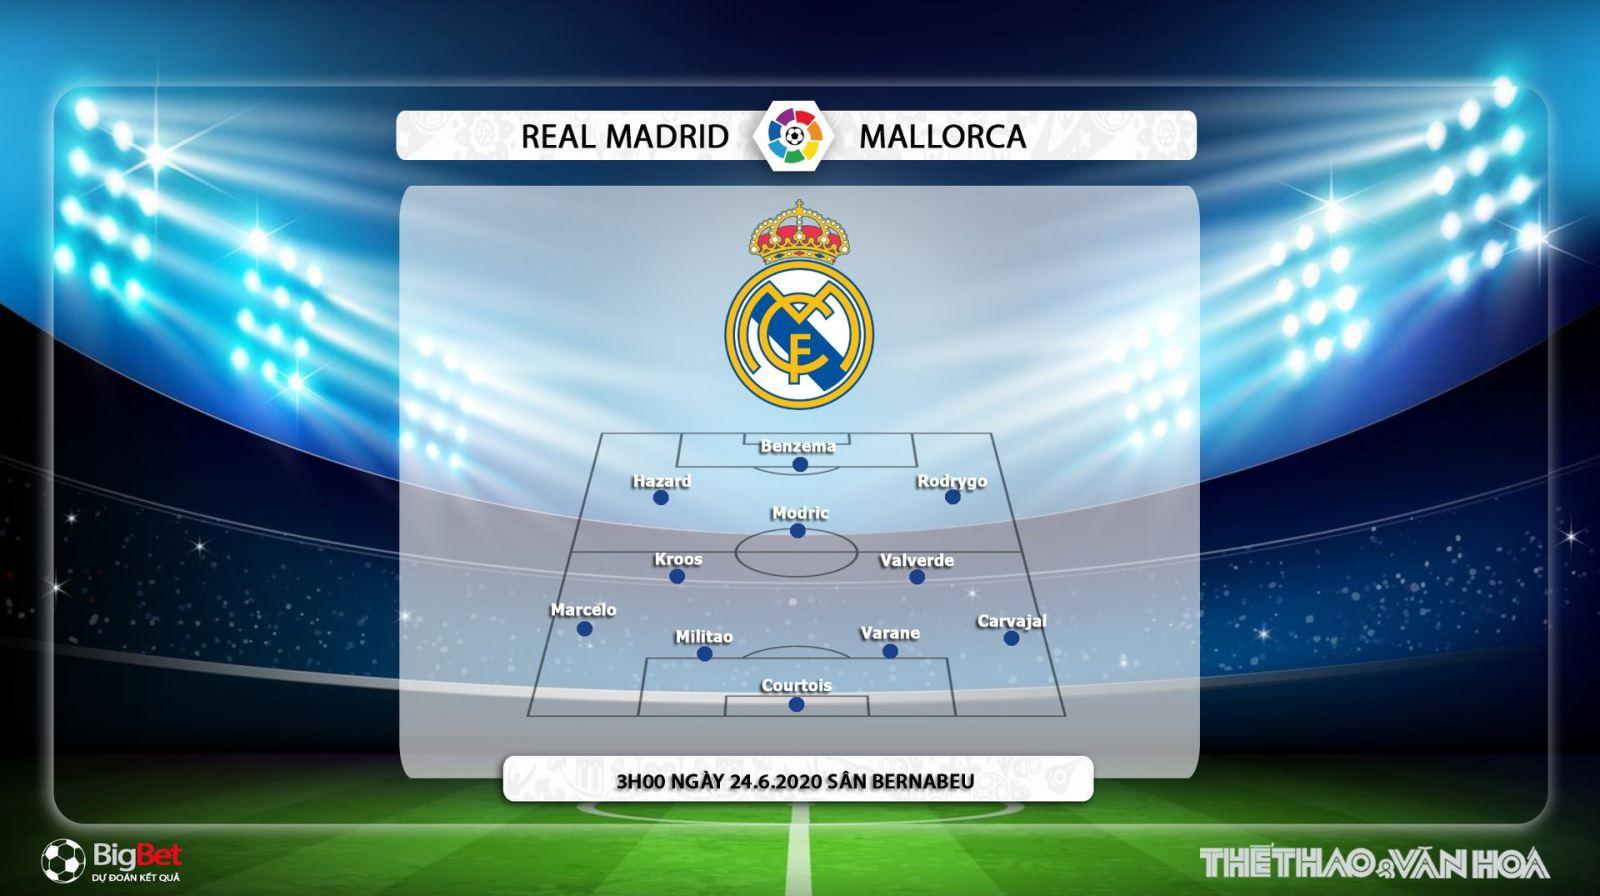 Keo nha cai, kèo nhà cái, LReal Madrid vs Mallorca, Trực tiếp bóng đá TBN vòng 31, BĐTV, trực tiếp bóng đá Tây Ban Nha, La Liga, Lịch thi đấu bóng đá TBN, kèo Real Madrid